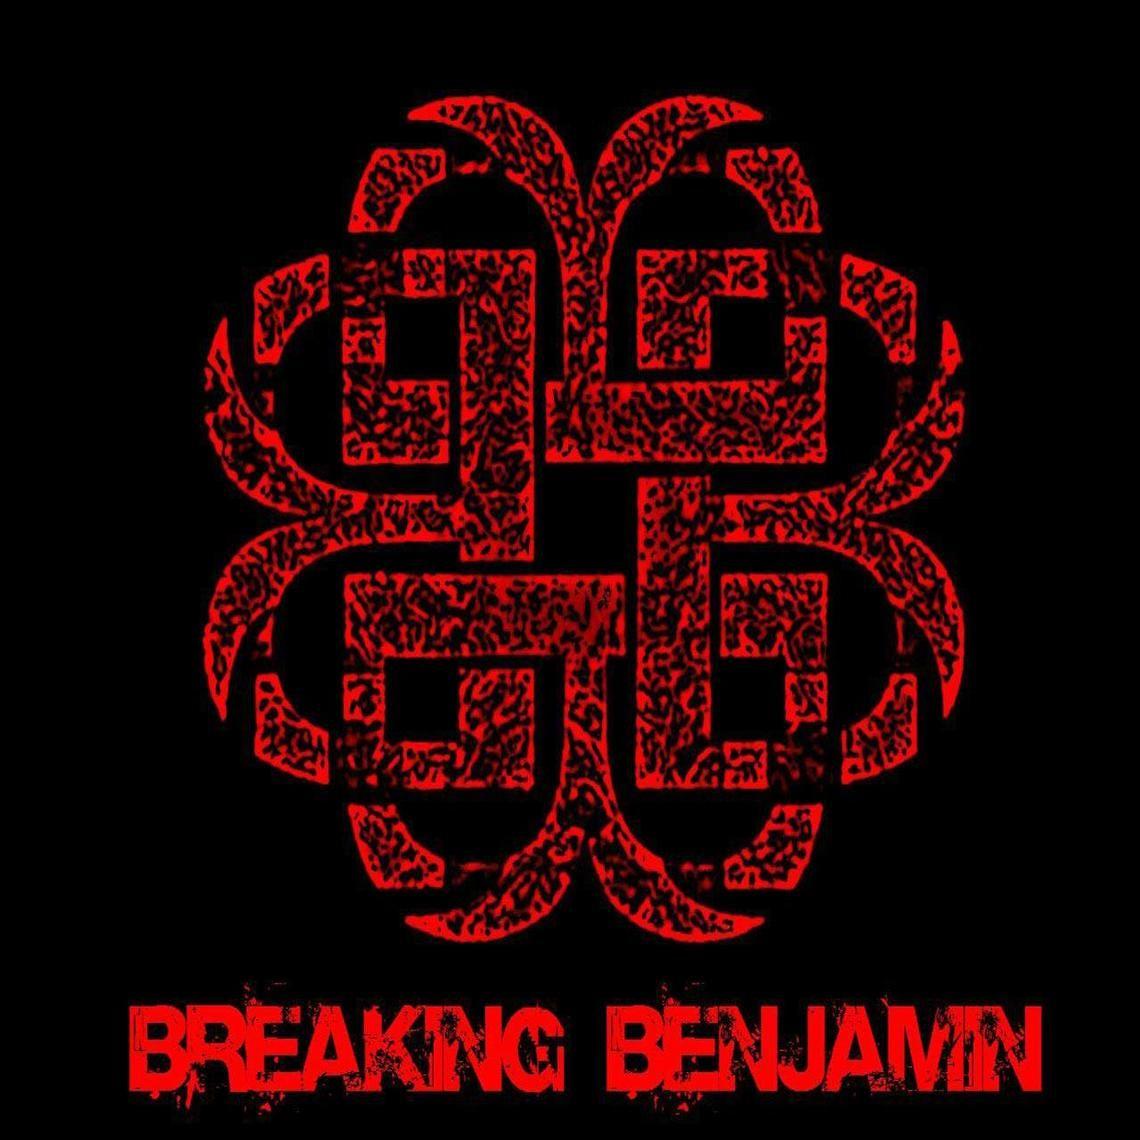 Breaking Benjamin Logo Breaking Benjamin Band Humor Songs